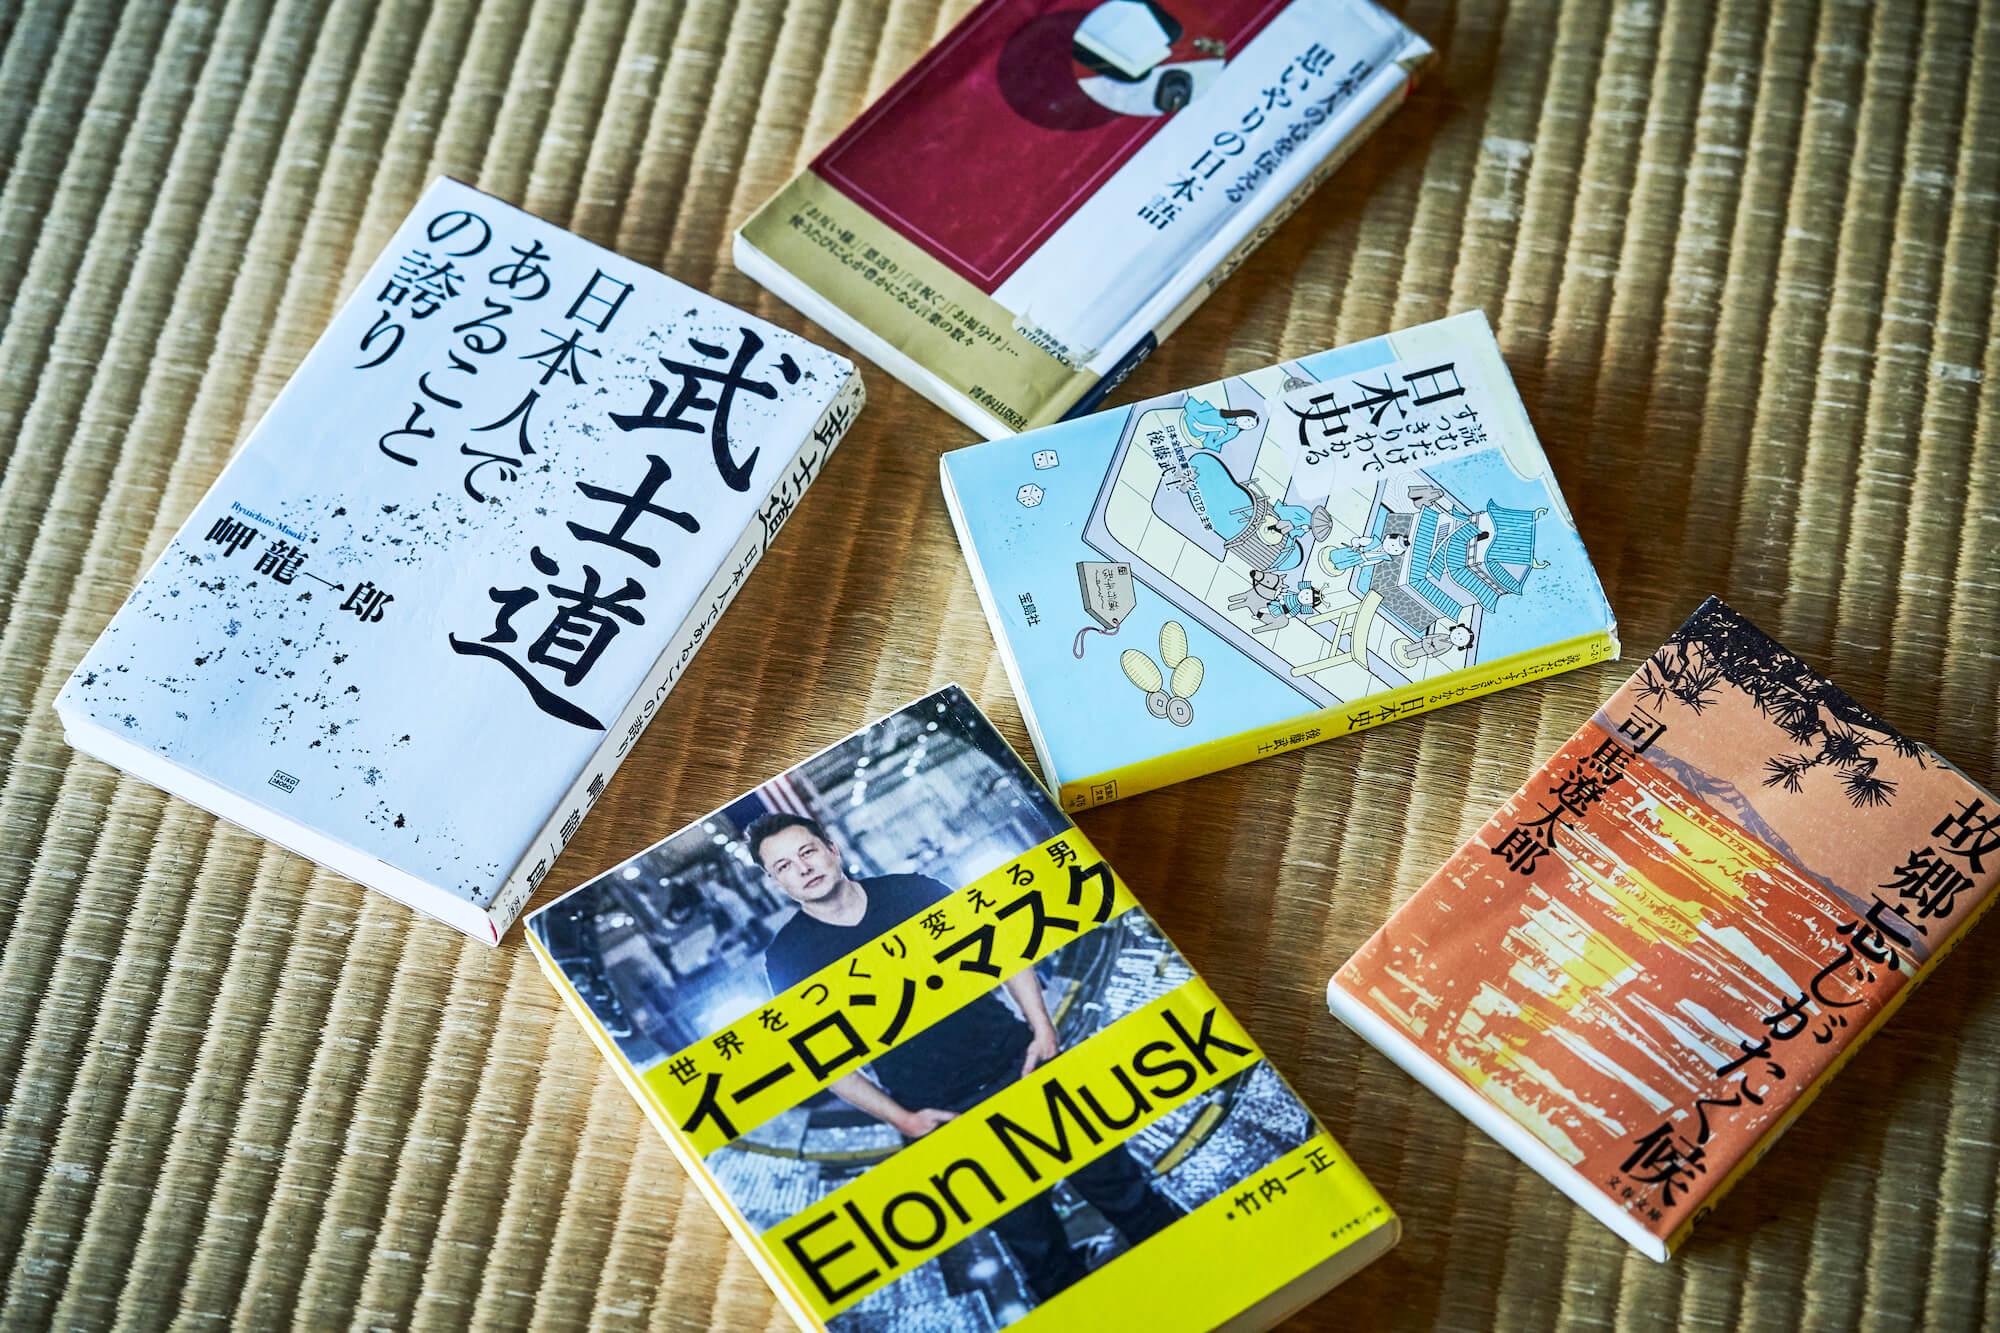 名古屋おもてなし武将隊,徳川家康,5冊の本